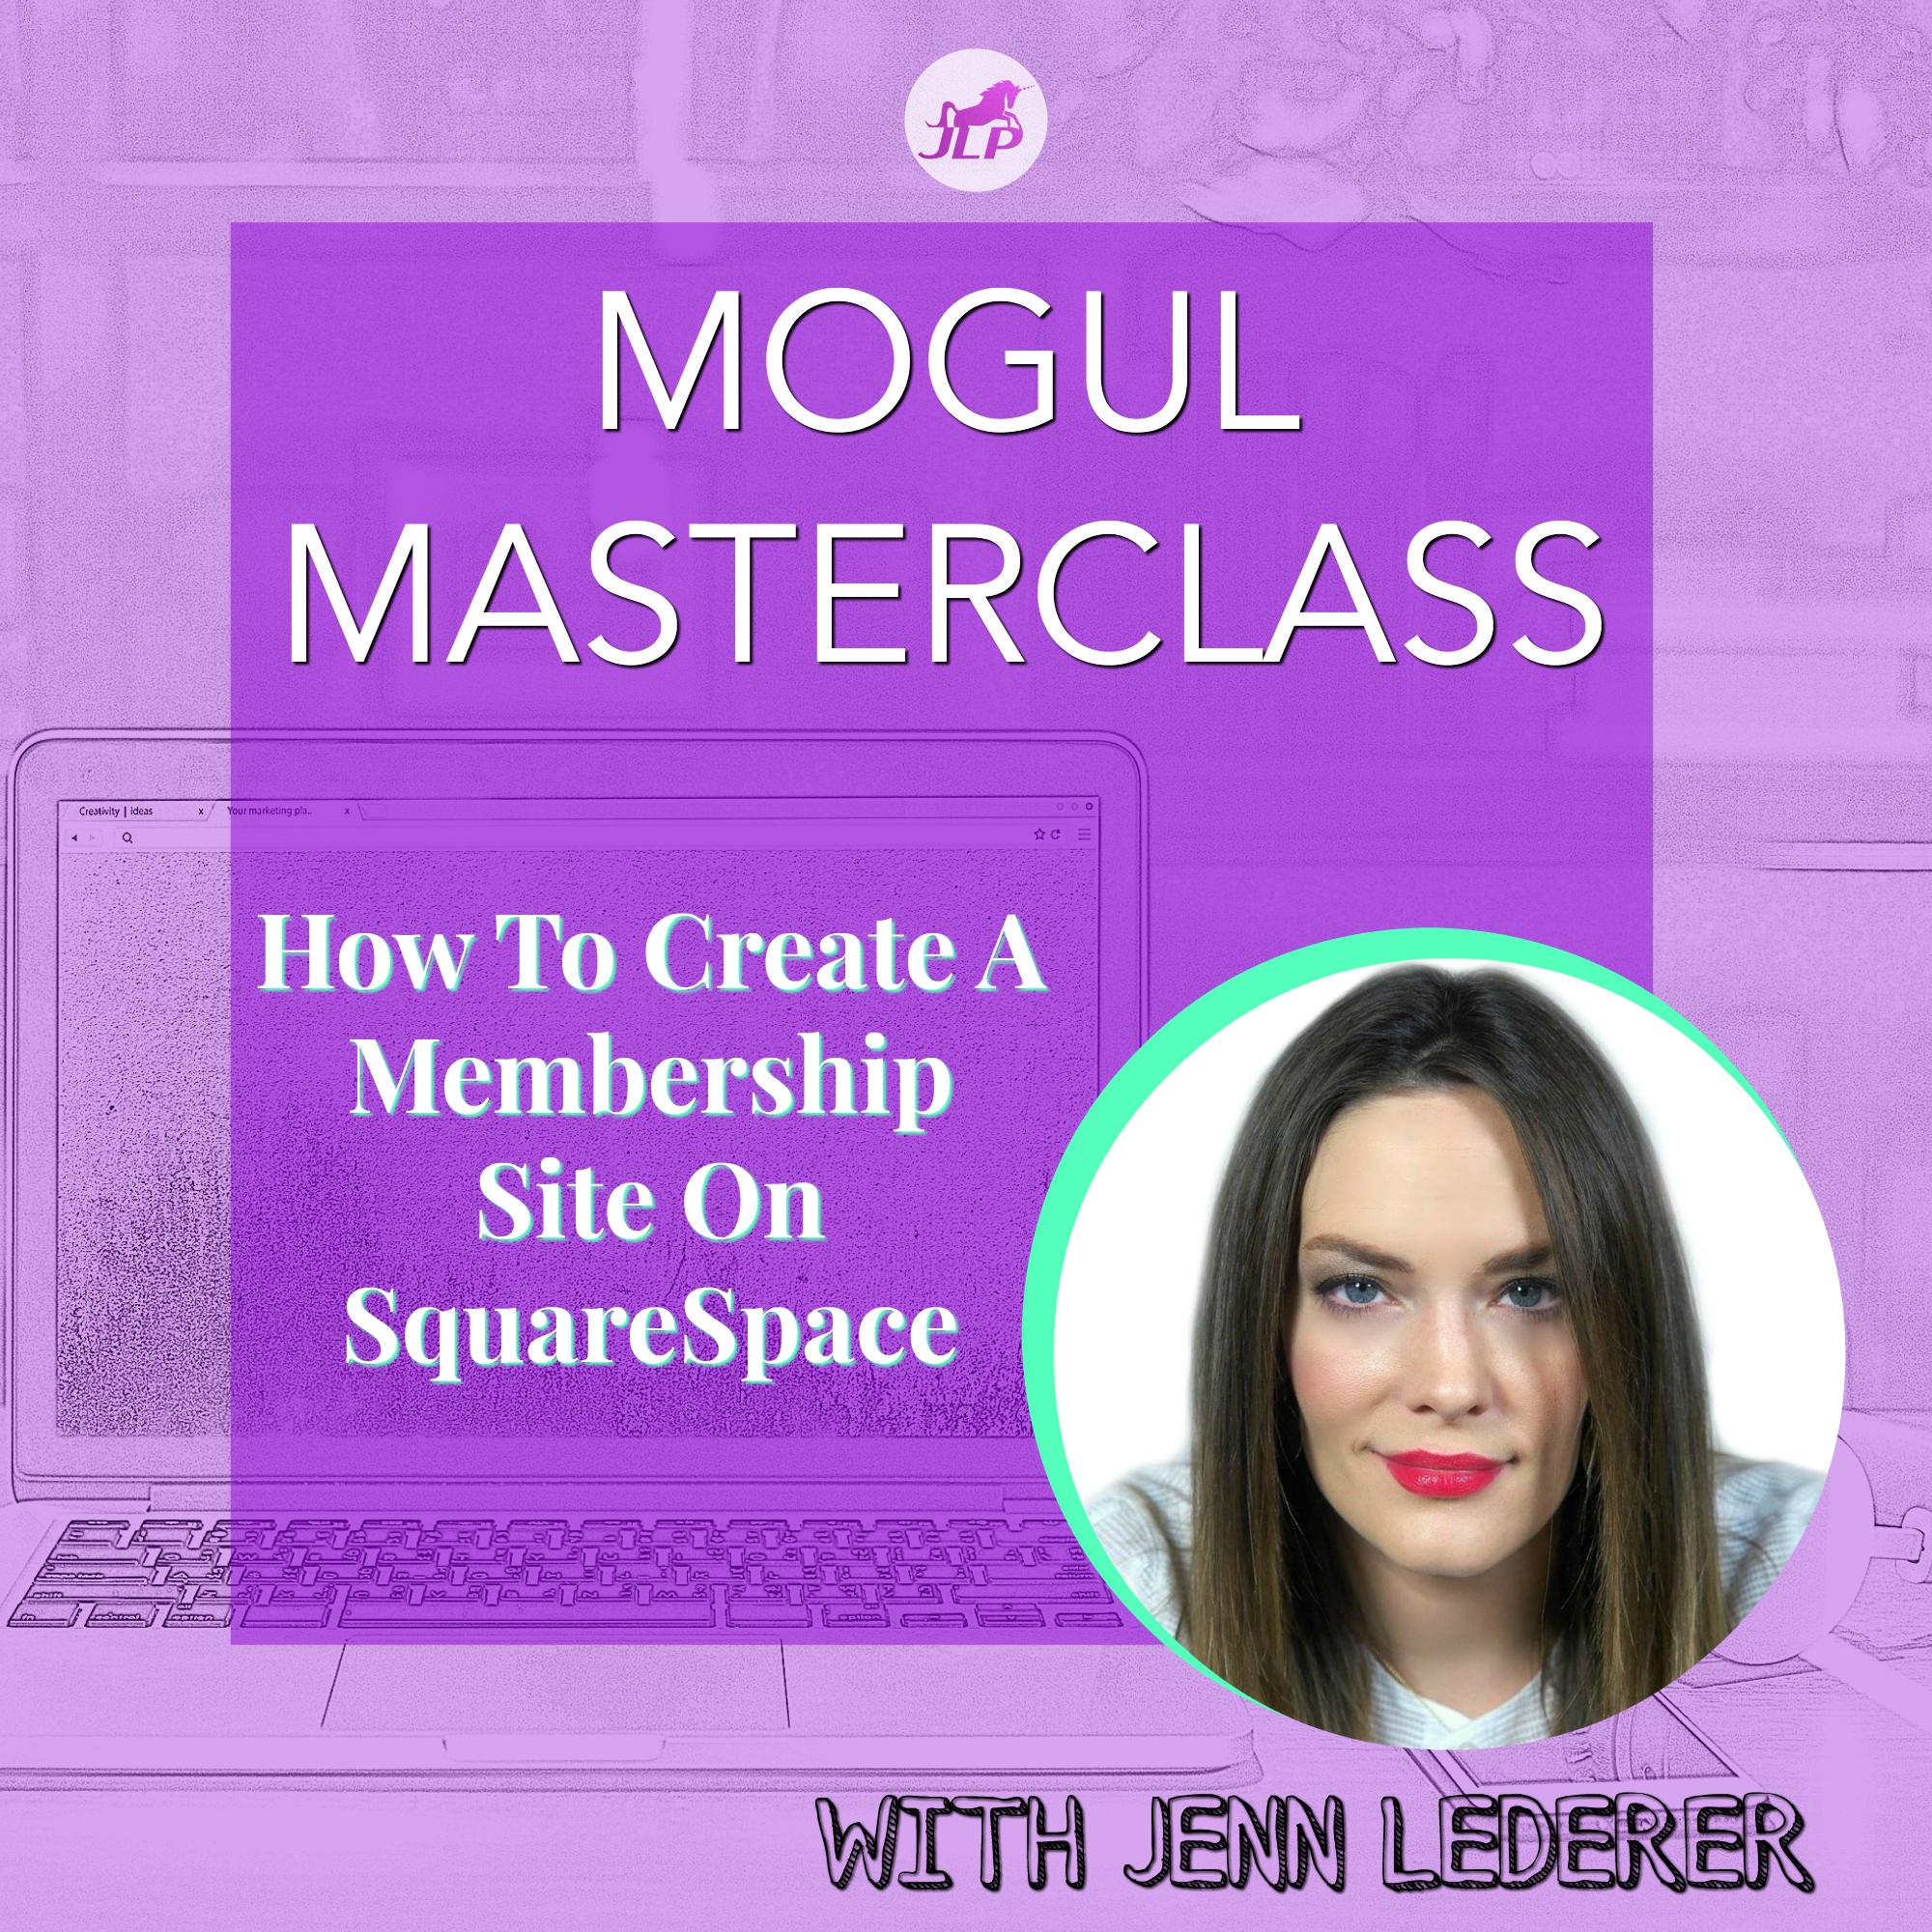 Membership_Mogul_Masterclass_Belinda_Filippelli.jpg